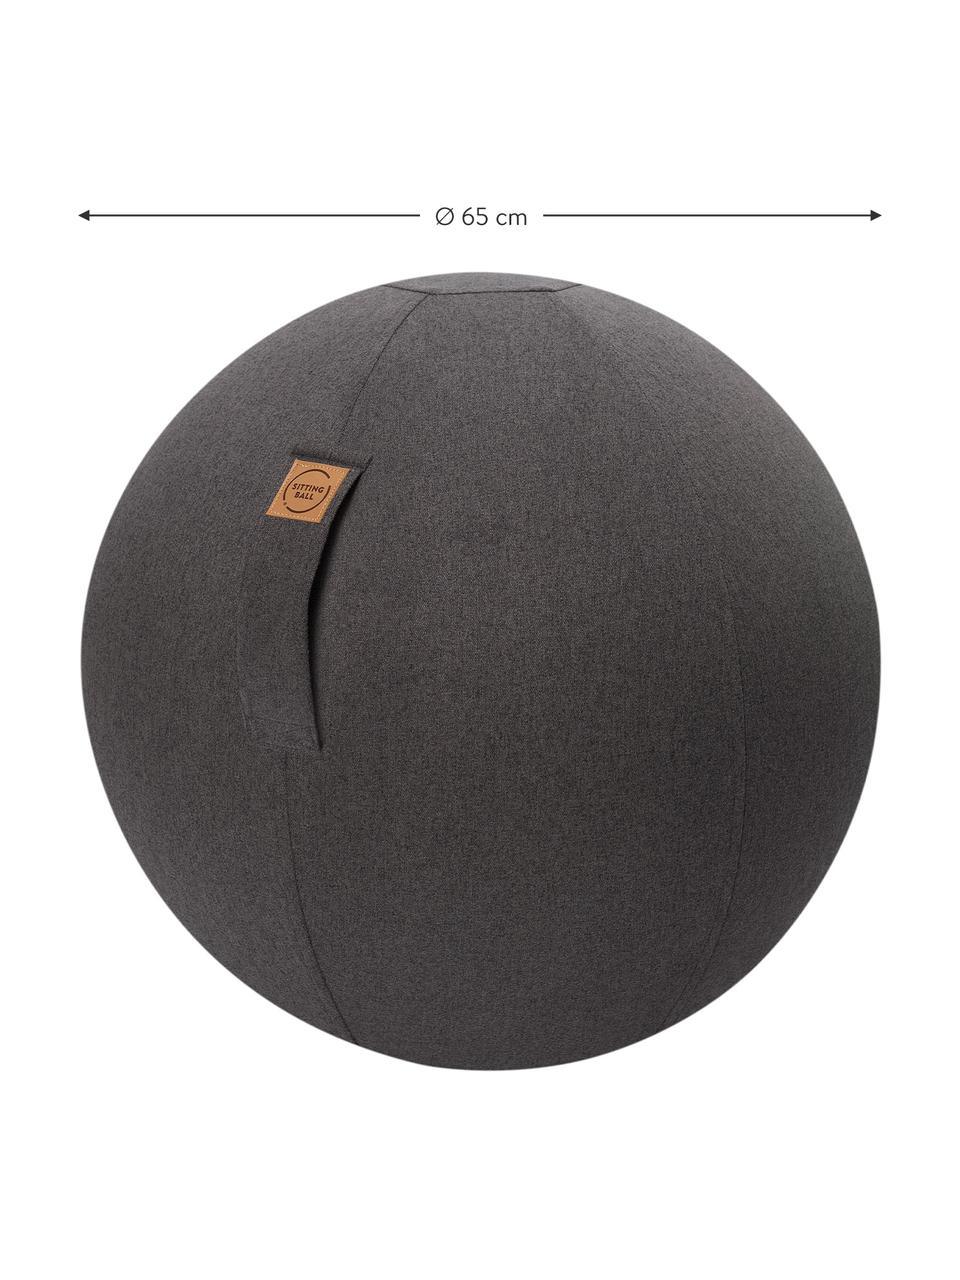 Zitbal Felt met handvat, Antraciet, Ø 65 cm